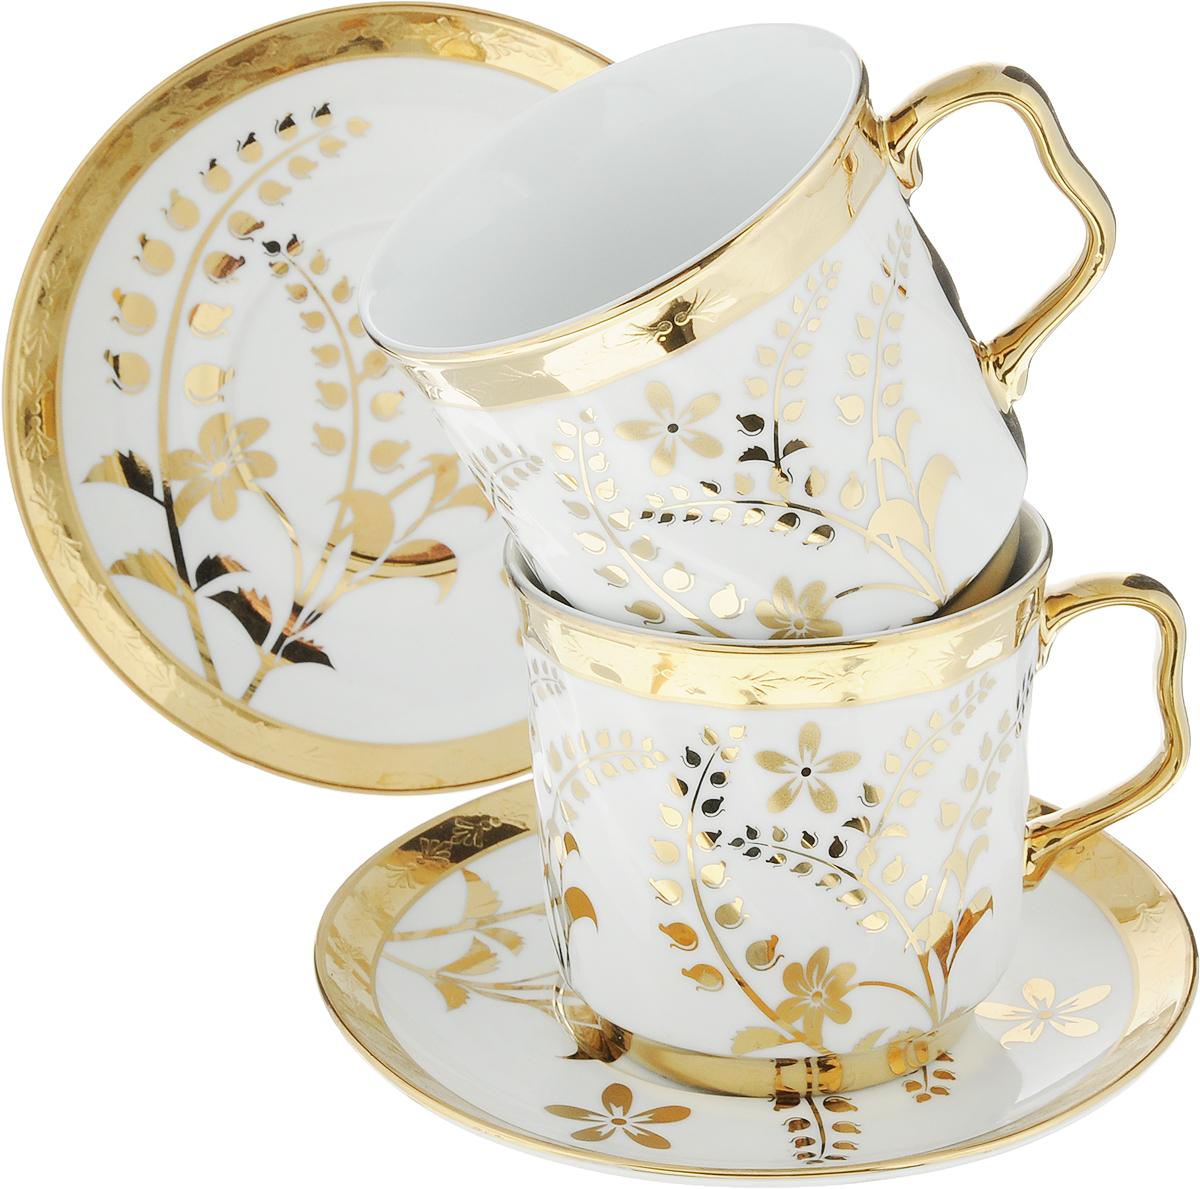 Сервиз чайный Bohmann, цвет: белый, золотой, 4 предмета1861ВНР_вид 2Чайный сервиз Bohmann станет незаменимым элементом среди коллекции вашей посуды. Ежедневное чаепитие в компании семьи или друзей ни с чем не сравнить. И тут не обойтись без красивой посуды, из которой приятно выпить ароматного чаю. Посуда выполнена из качественного белого фарфора, украшенного изящным узором. Изысканный дизайн чайной пары впишется как в торжественное, так и в повседневное оформление стола. В наборе две чашки объемом по 350 мл и два блюдца диаметром по 15,5 см. Фарфор не вступает в реакцию с напитком, поэтому никак не влияет на его вкус. Материал способен длительное время удерживать тепло, что позволяет растянуть удовольствие от чаепития. Диаметр блюдца: 15 см.Диаметр чашки: 9 см.Высота чашки: 9 см.